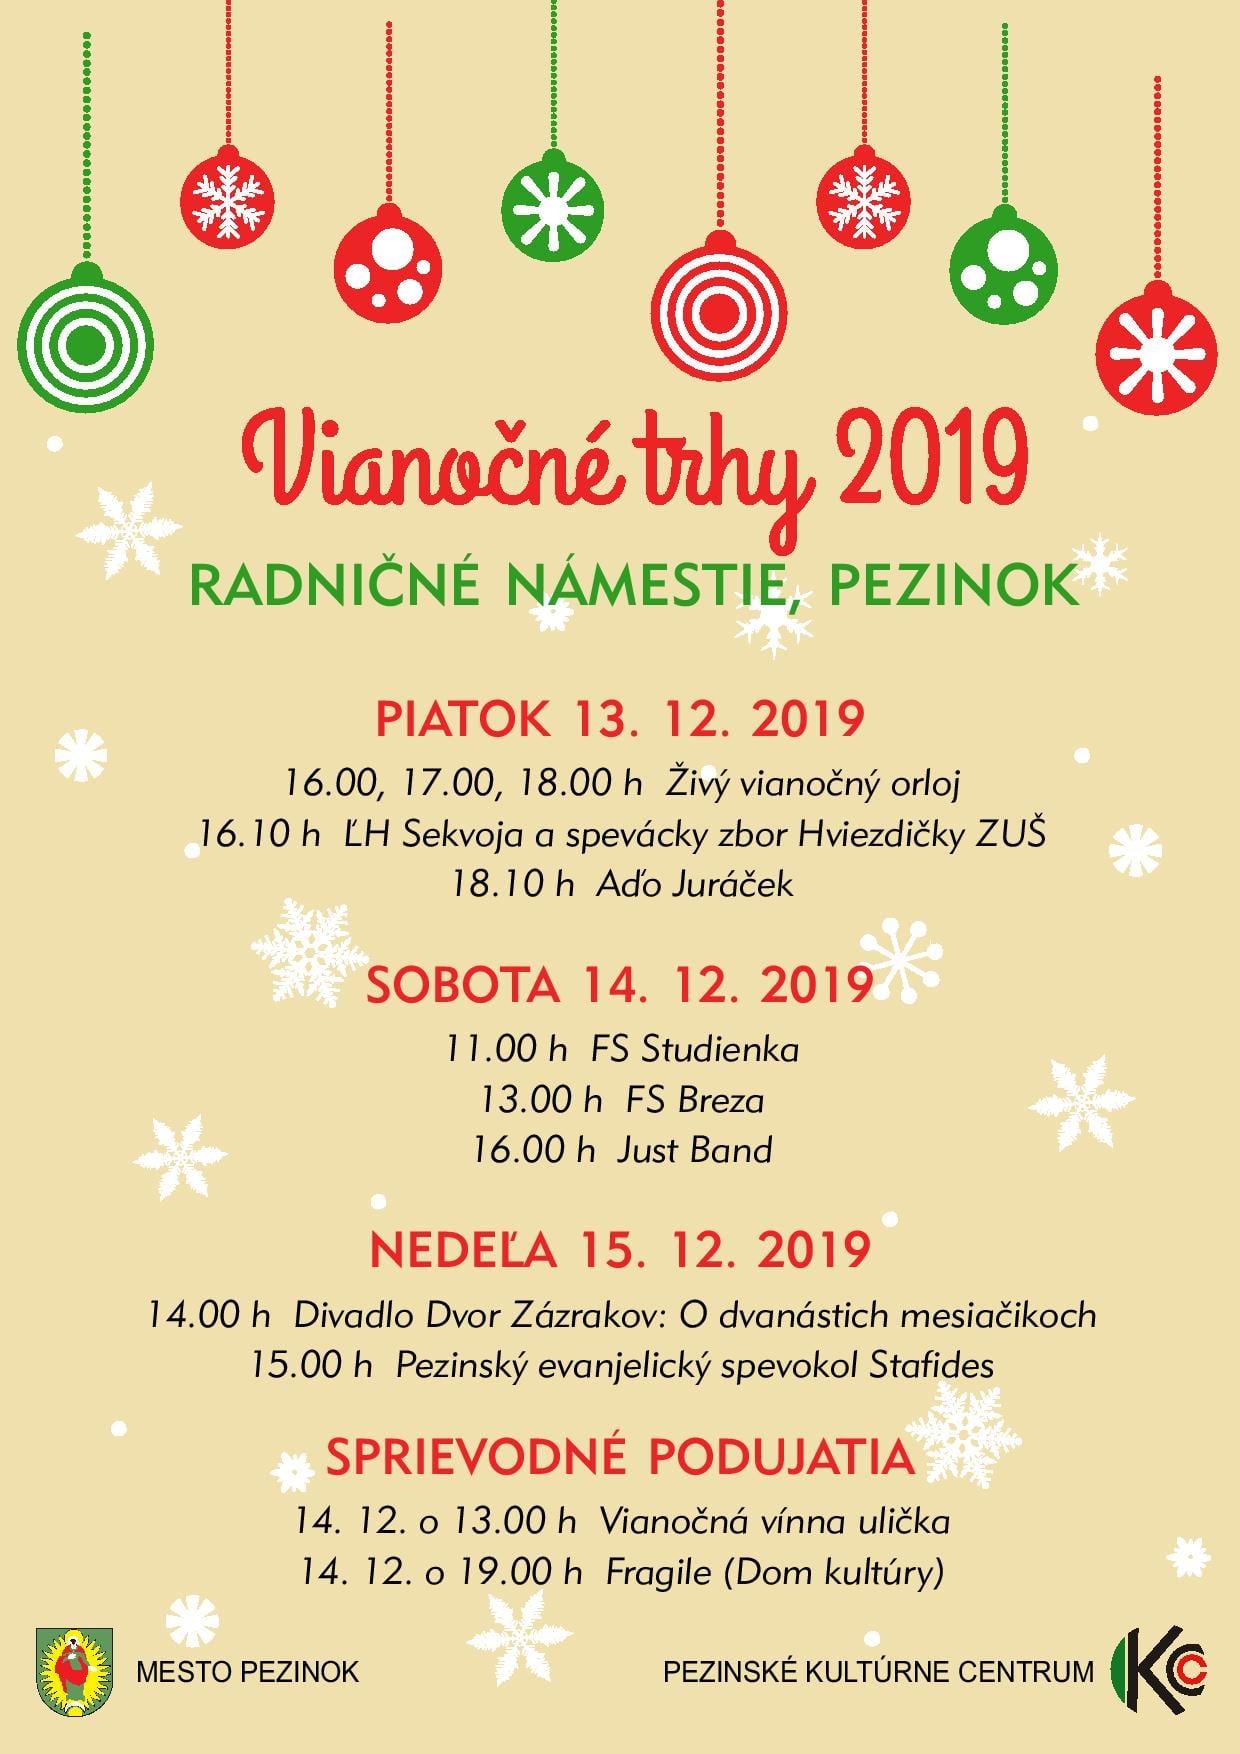 Vianočné trhy Pezinok program 2019